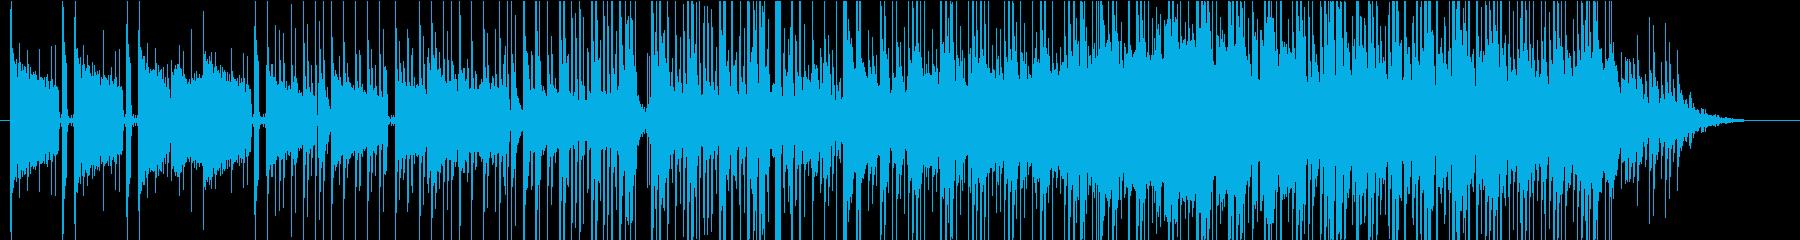 怪しくファンキーなシリアスの再生済みの波形